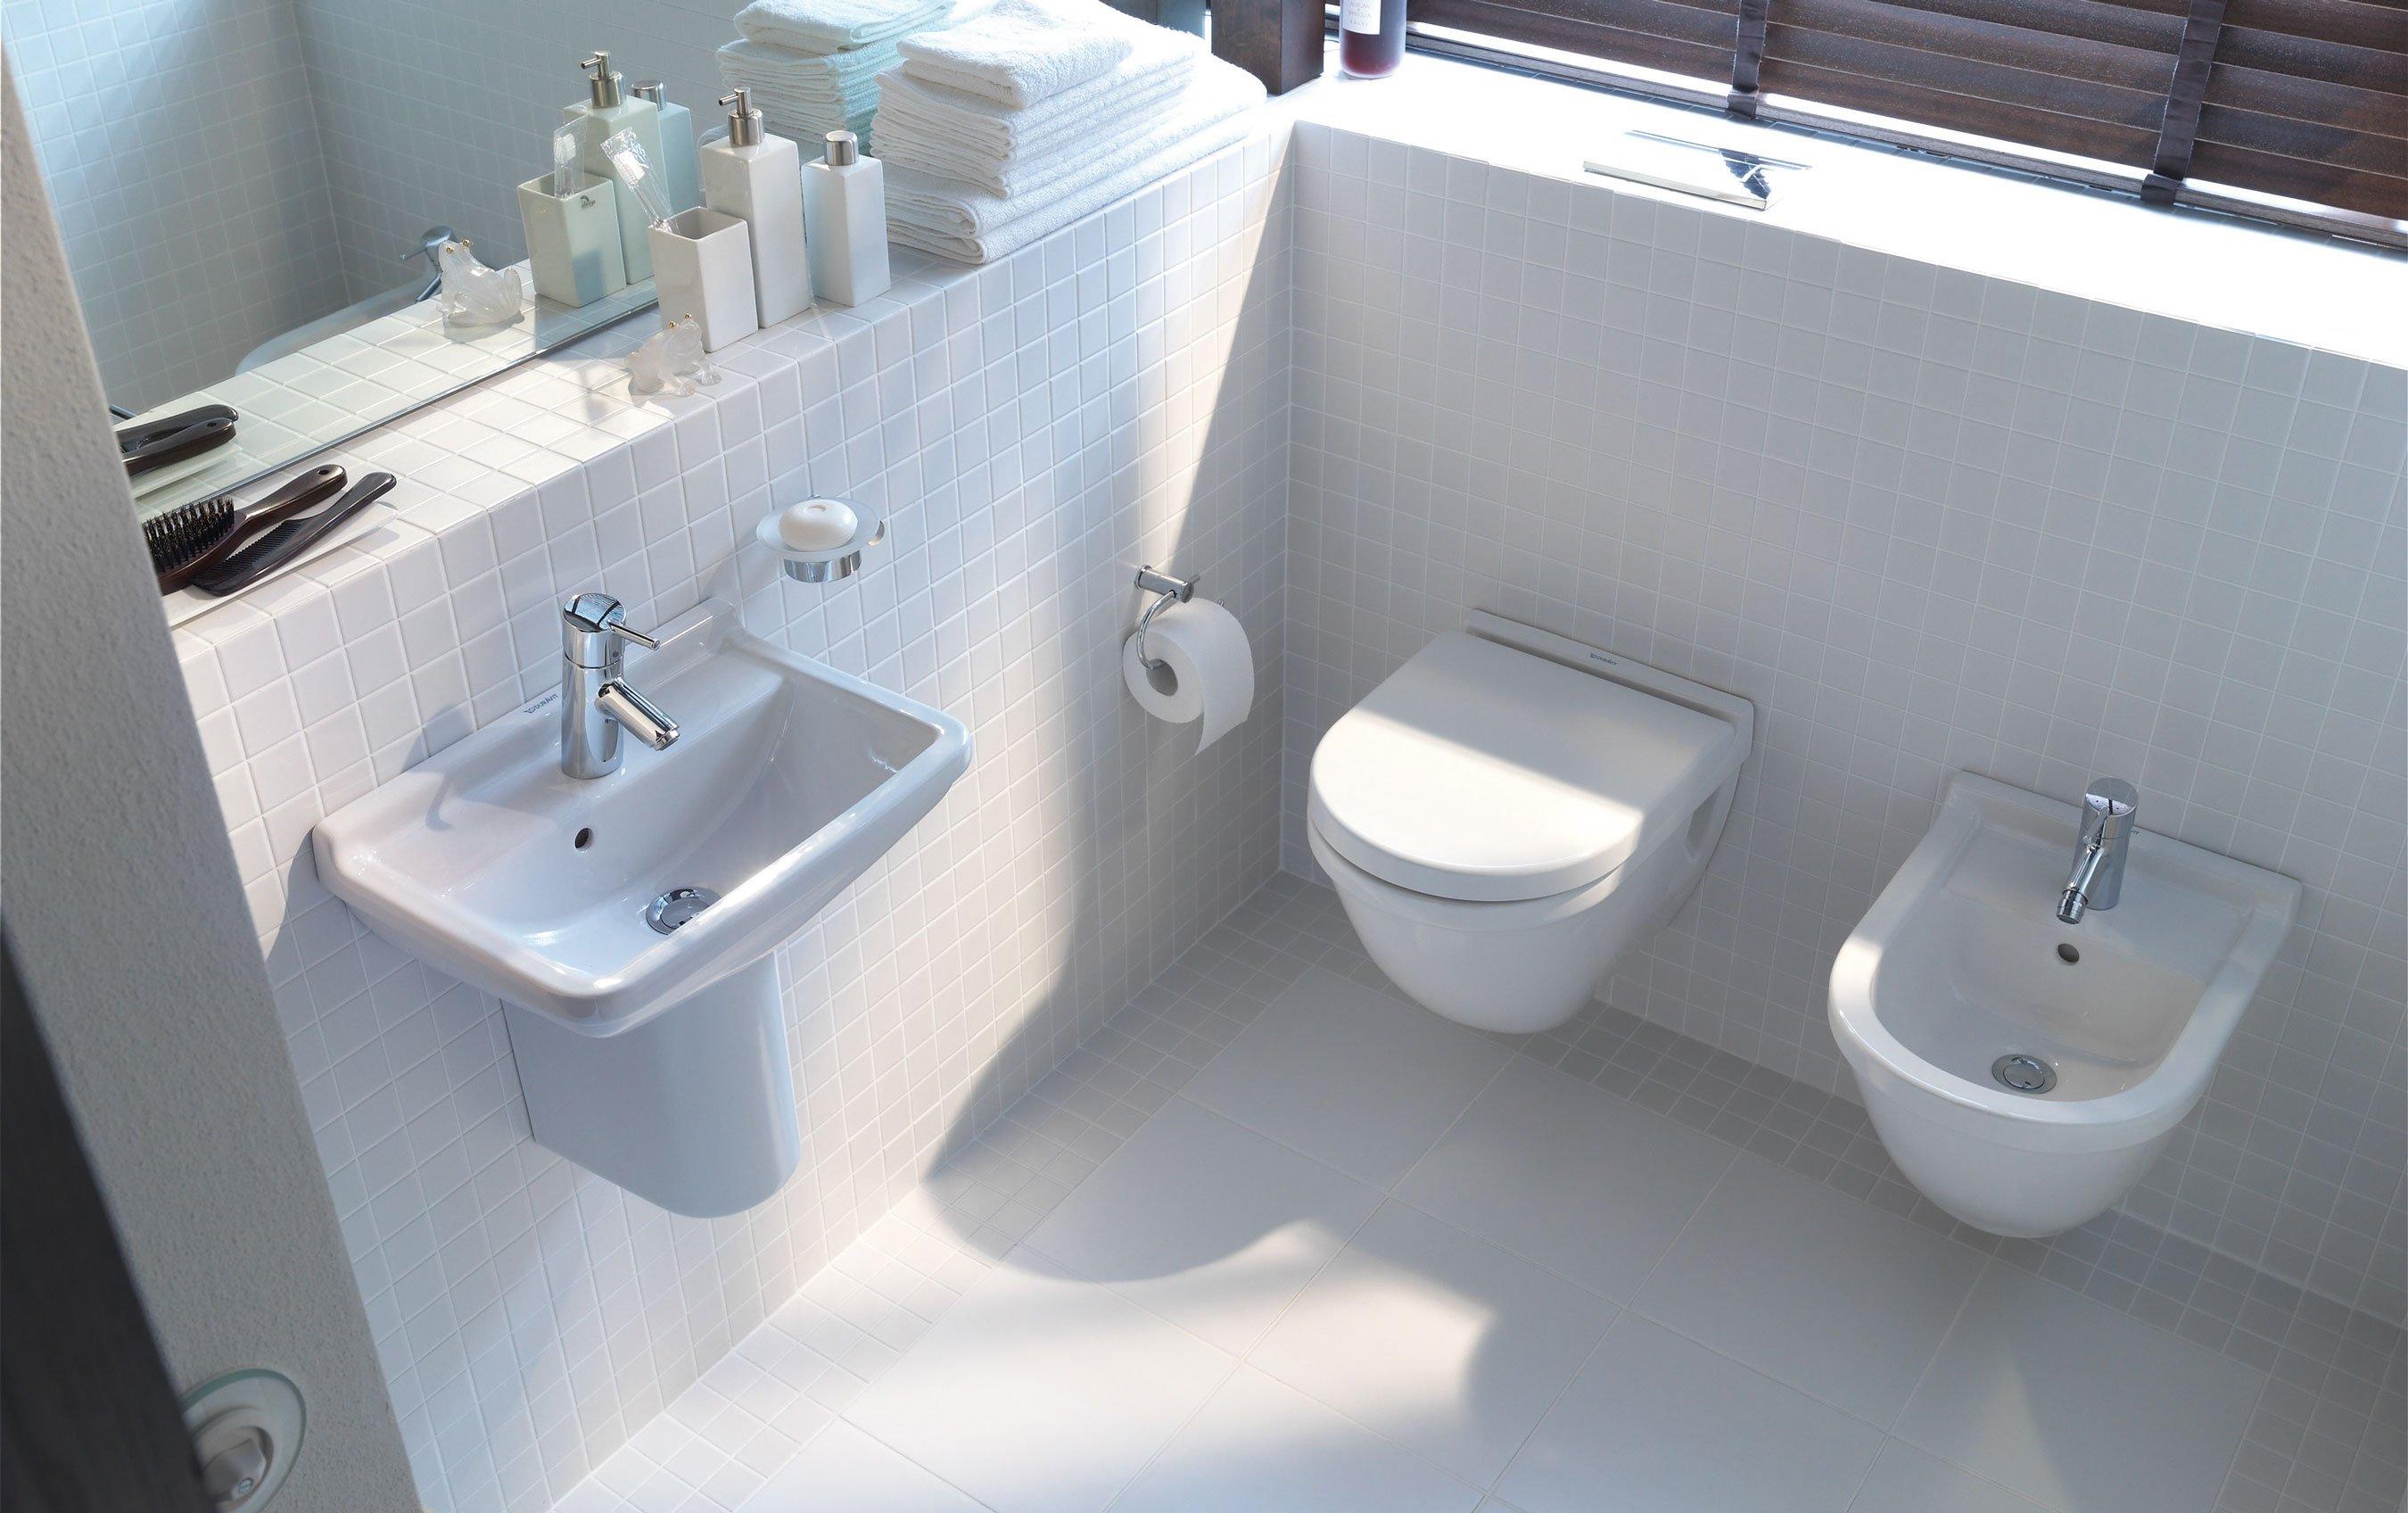 Sanitari sospesi e salvaspazio cose di casa - Dimensioni water piccolo ...